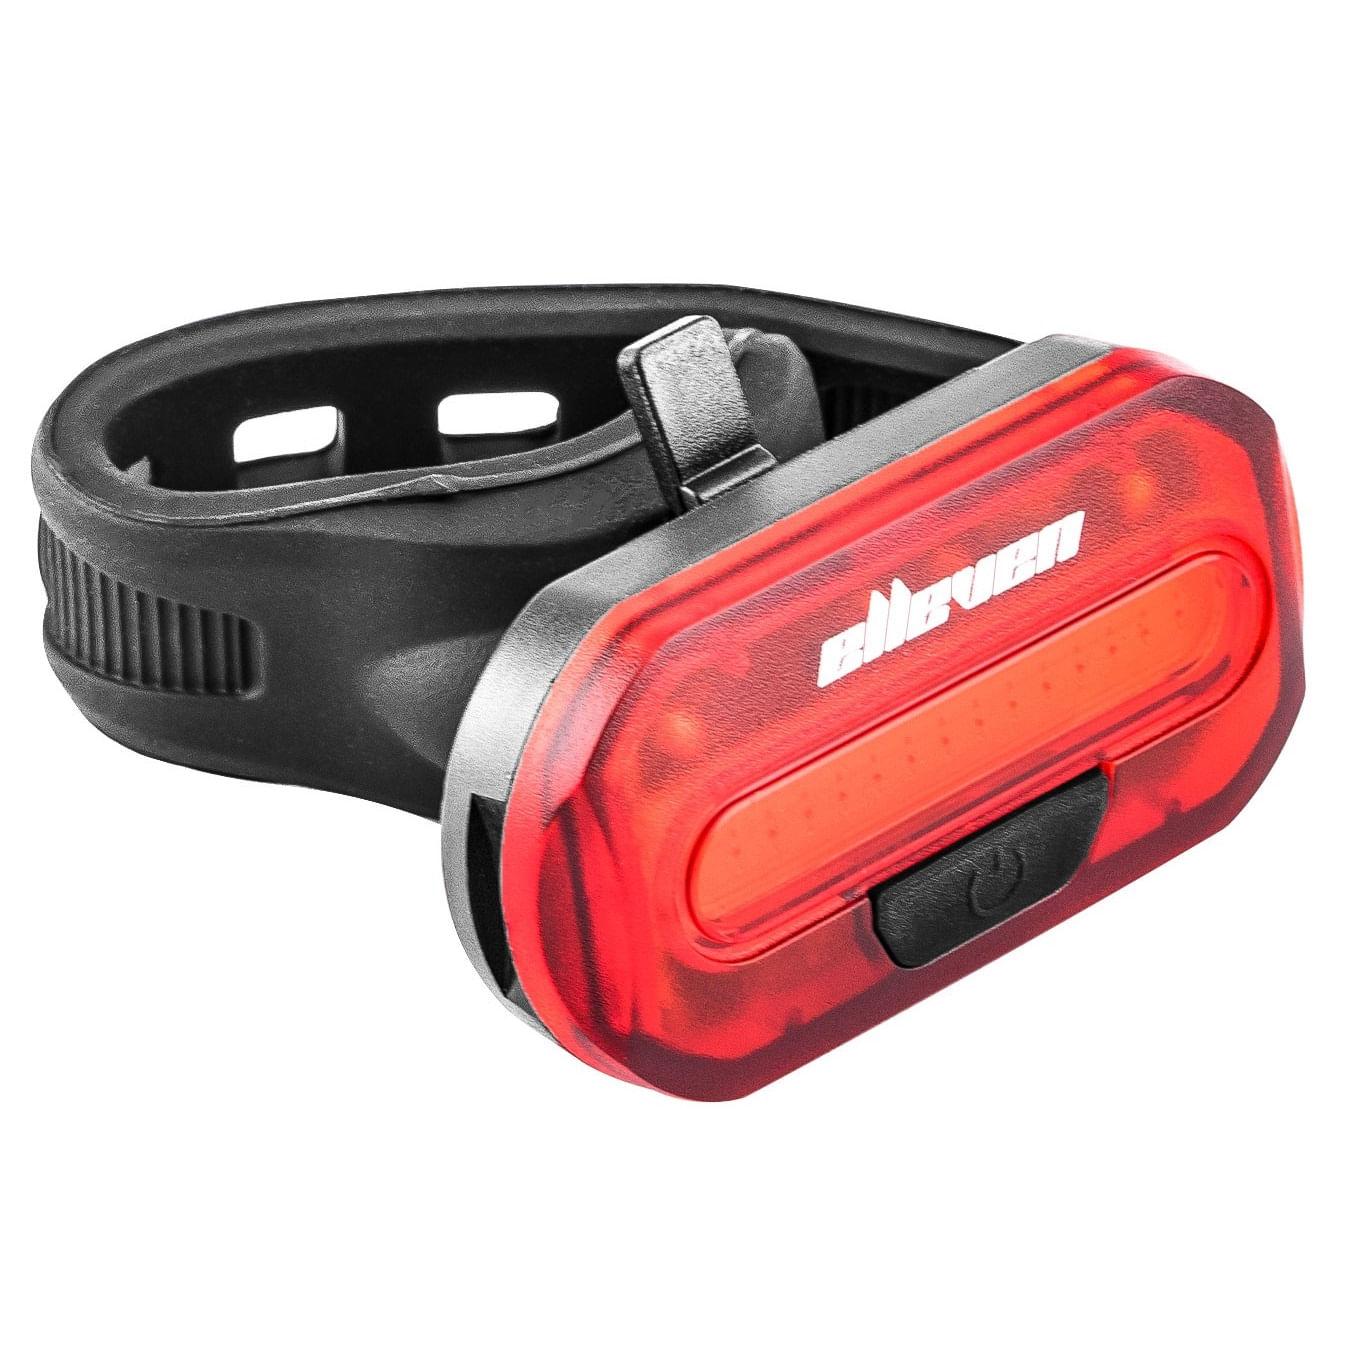 Lanterna-Traseira-de-Bike-Pisca-Light-Extra-Brilho-Elleven-30-Lumens-15-Leds---9278--7-